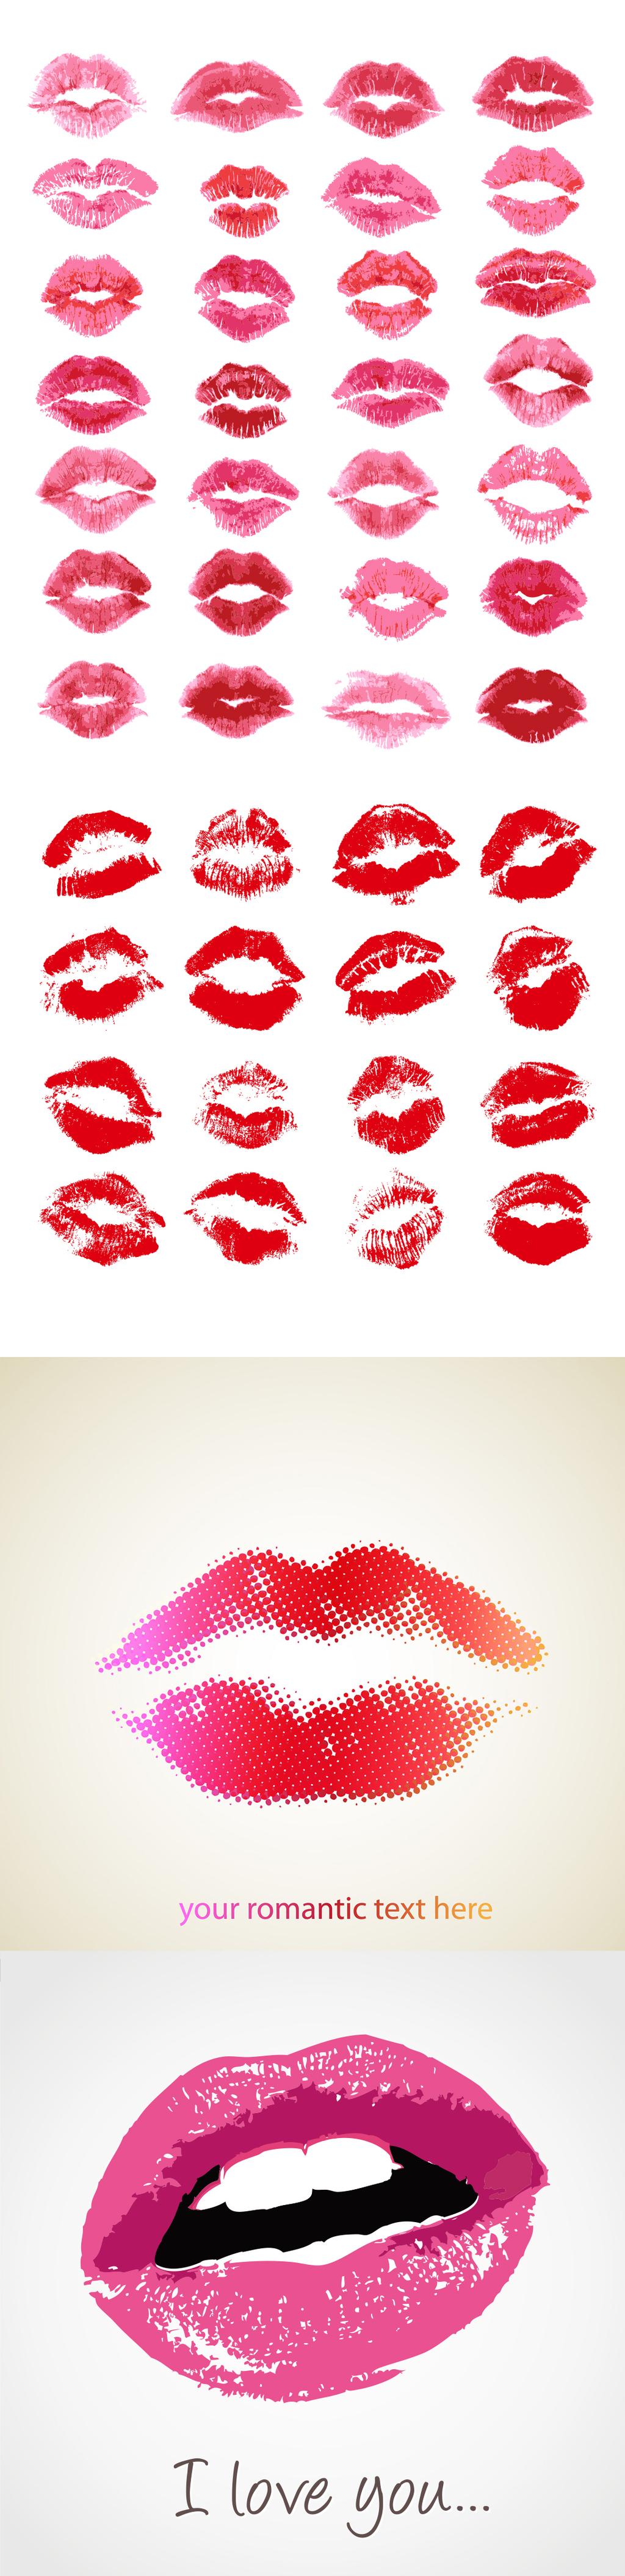 多款水彩口红唇印矢量素材图片